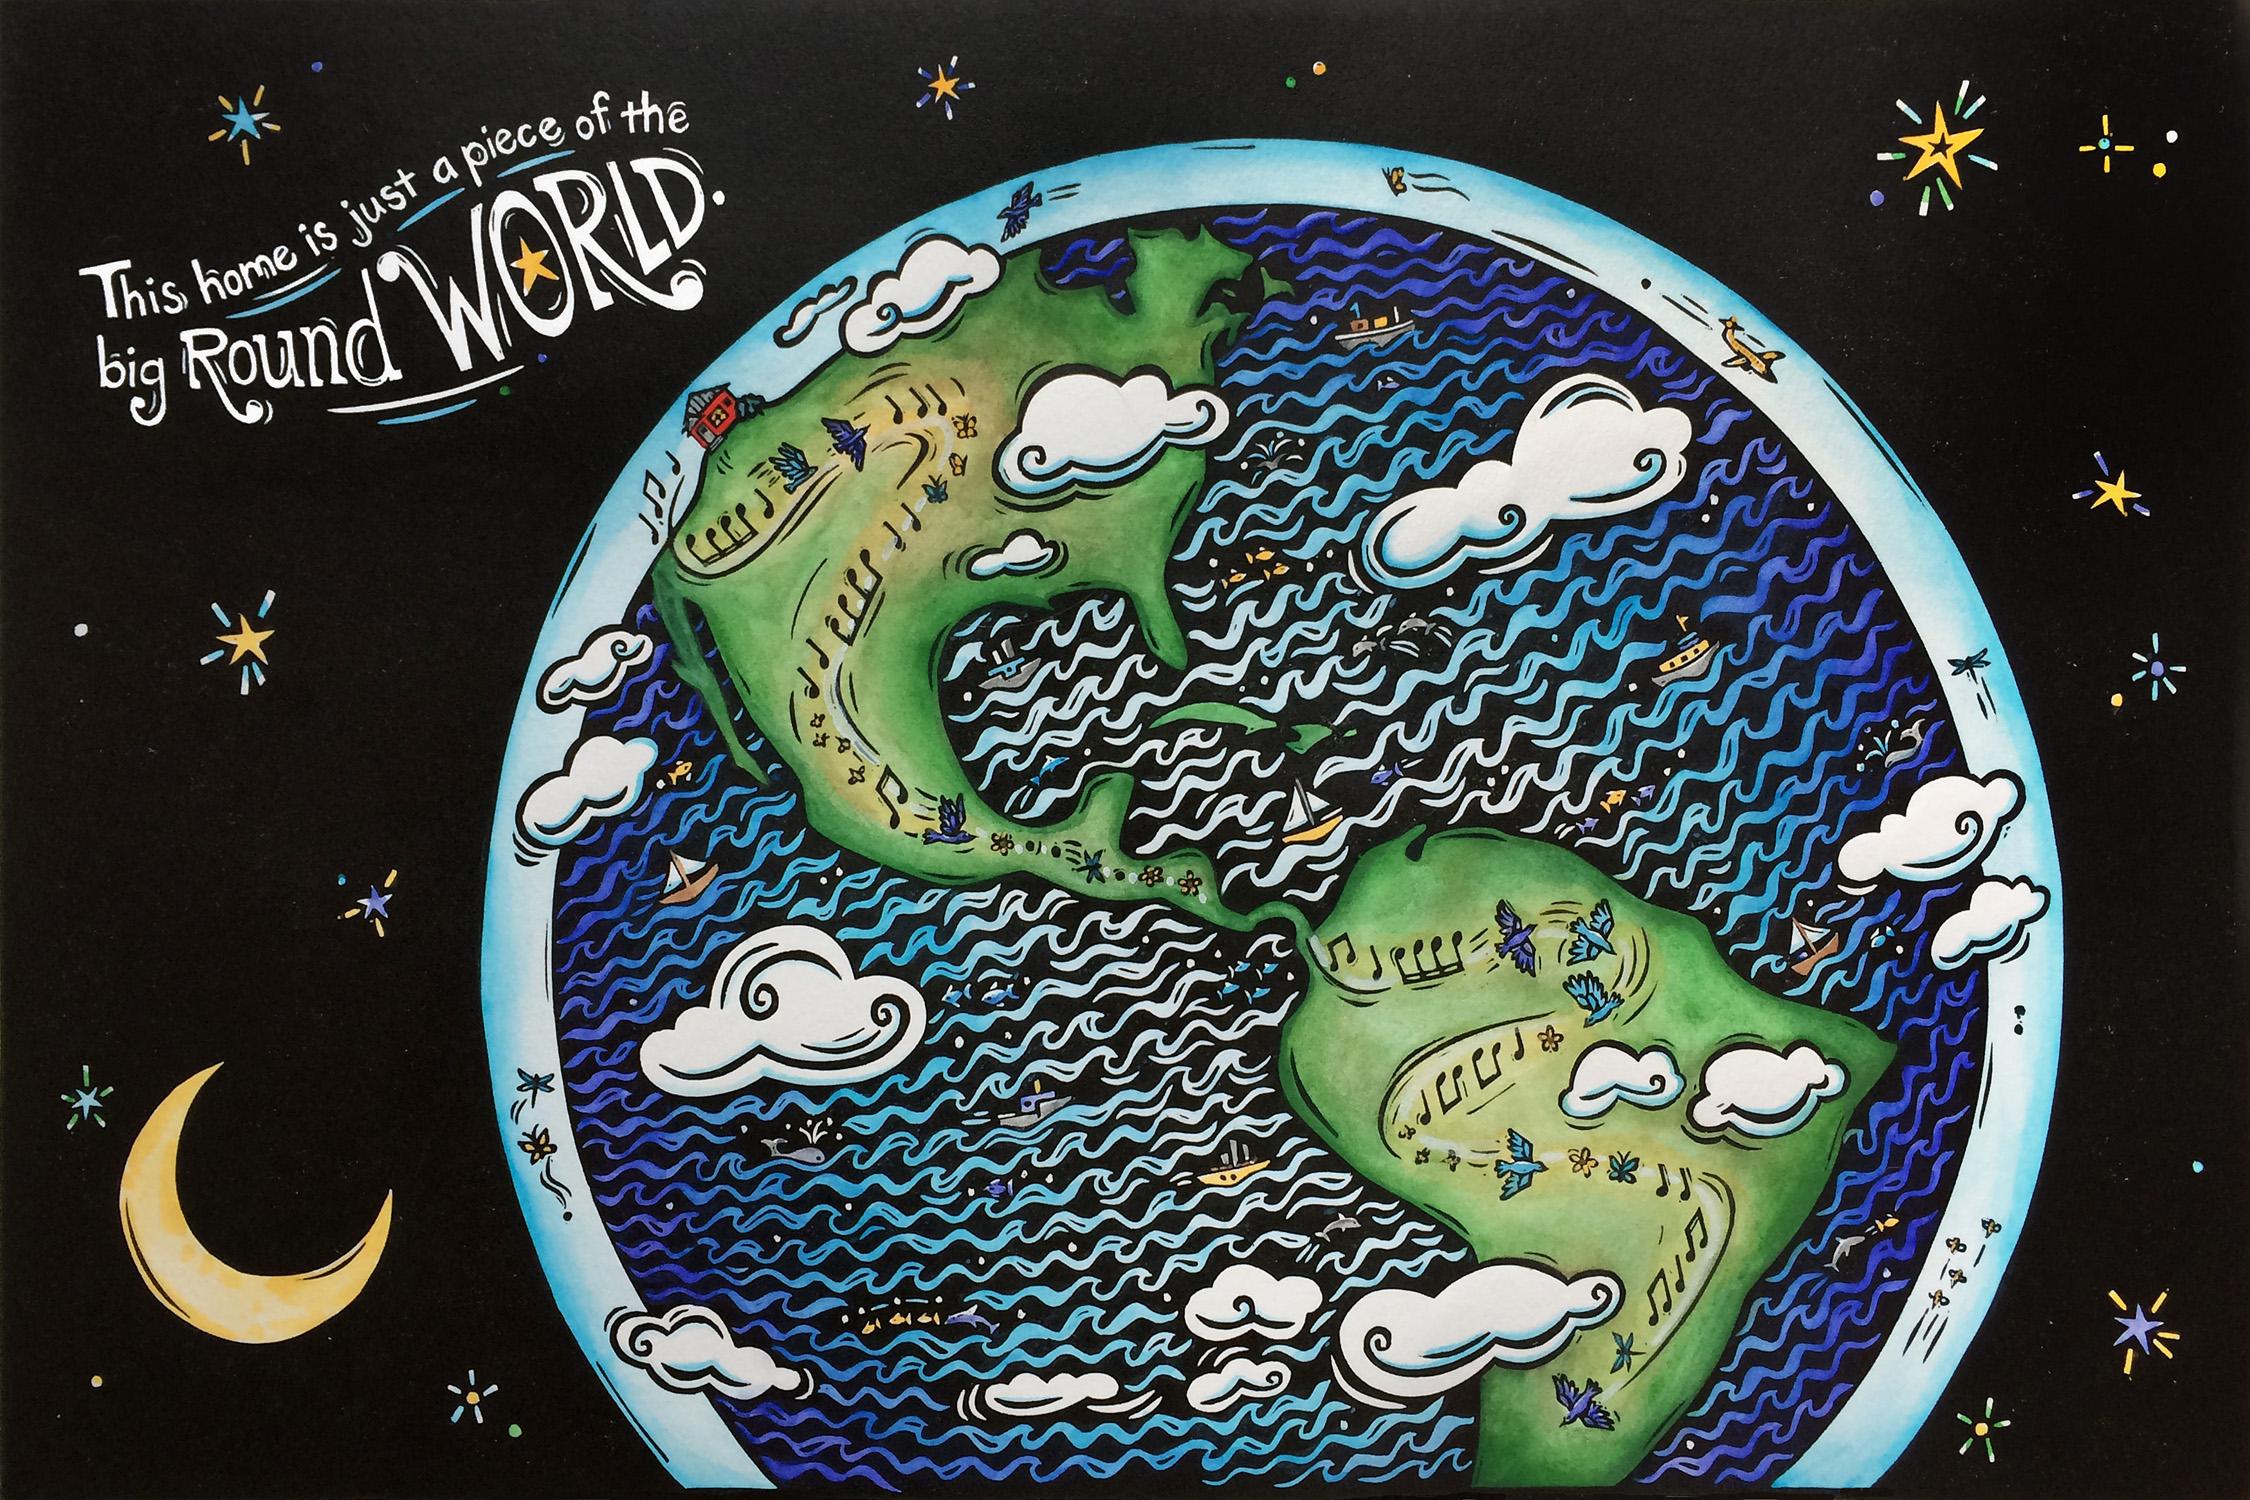 6 7 Big Round World.jpg